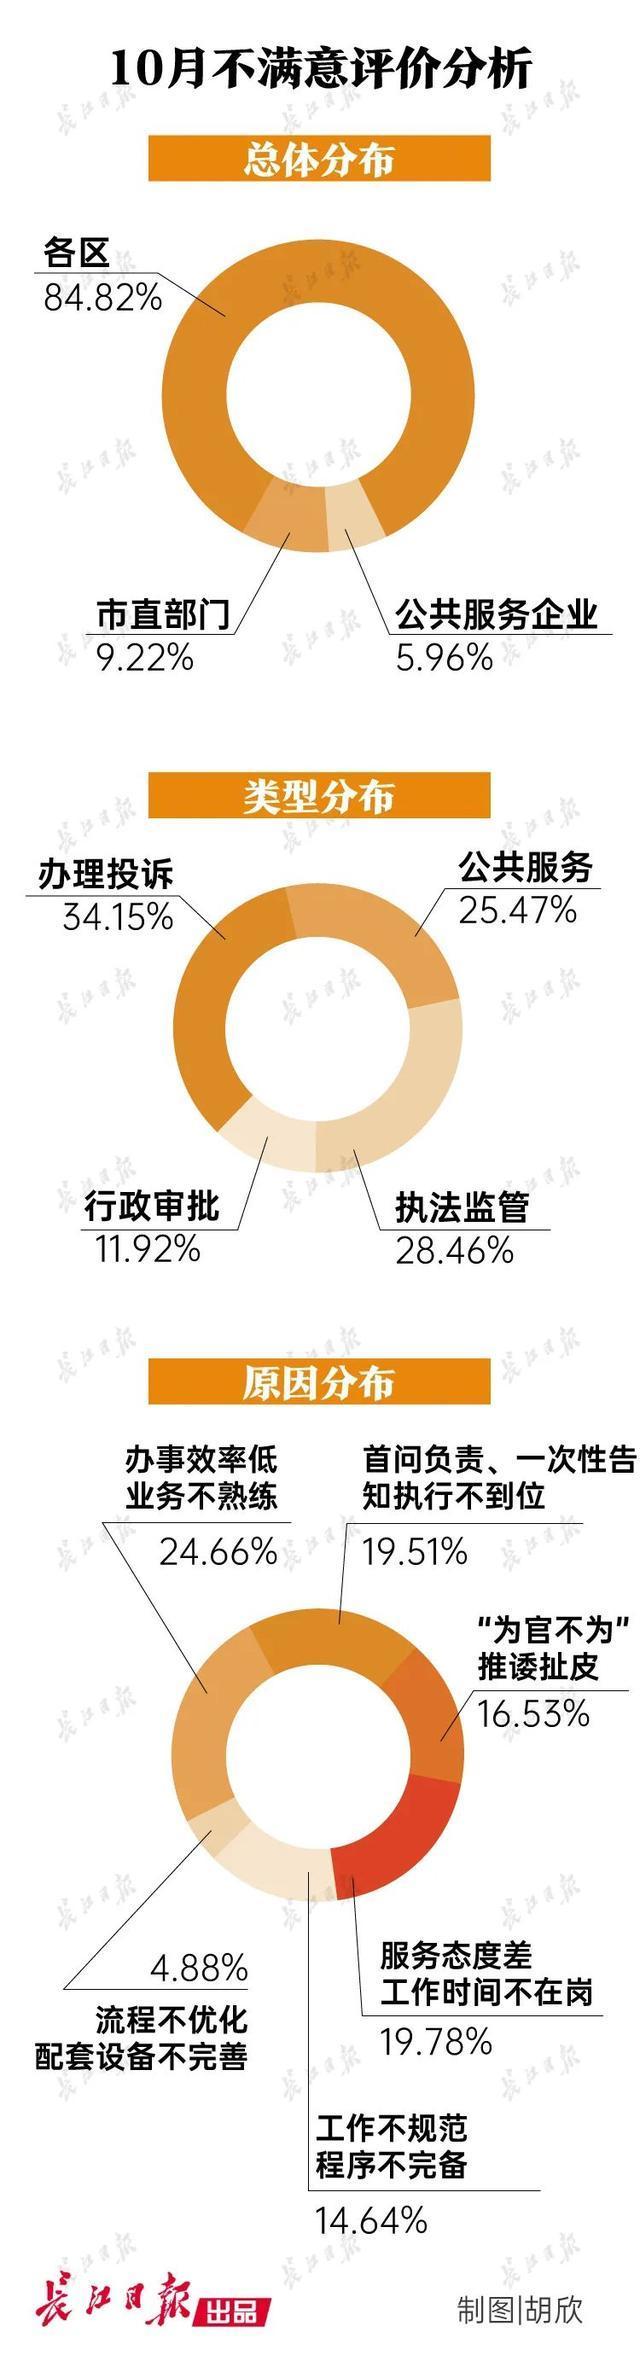 最新排名!武汉十个单位排名最后,有一批被点名表扬。 第5张